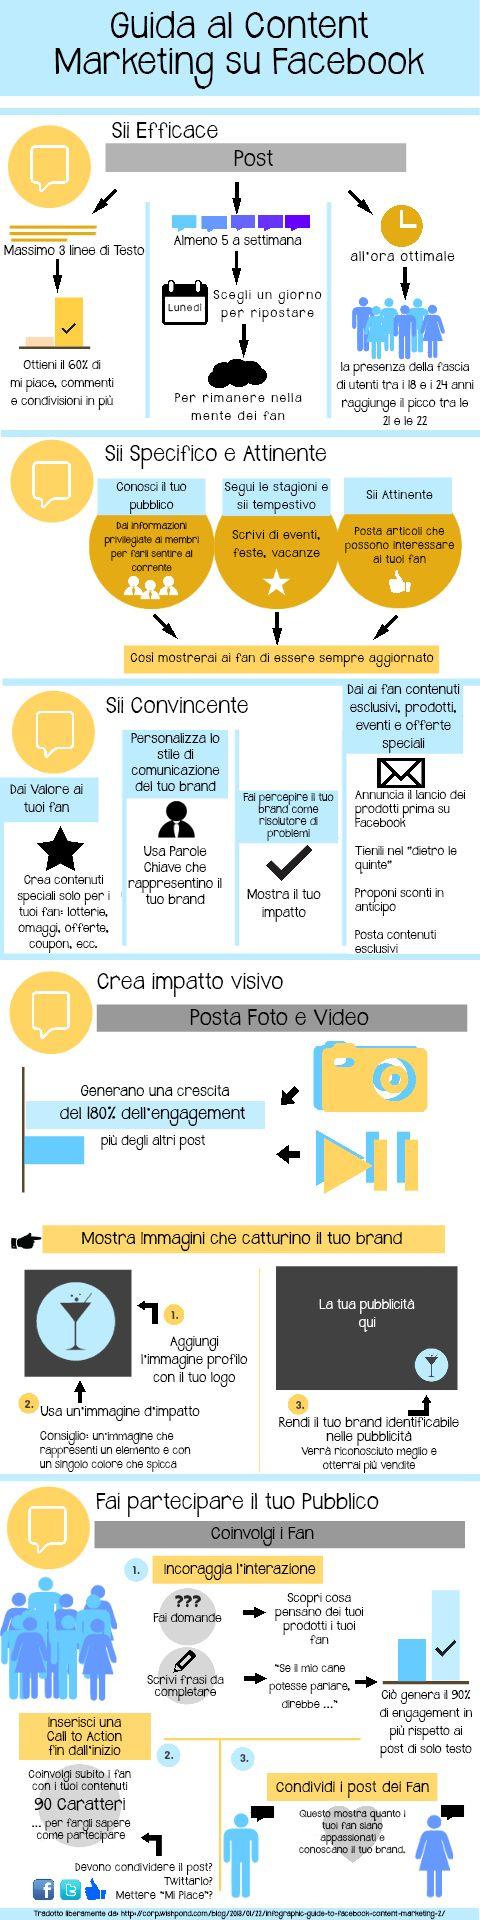 Come realizzare un #post su #facebook efficace che crei #engagement con i #fan della tua #pagina - #social #contentmarketing #blog #sitoweb #1minutesite